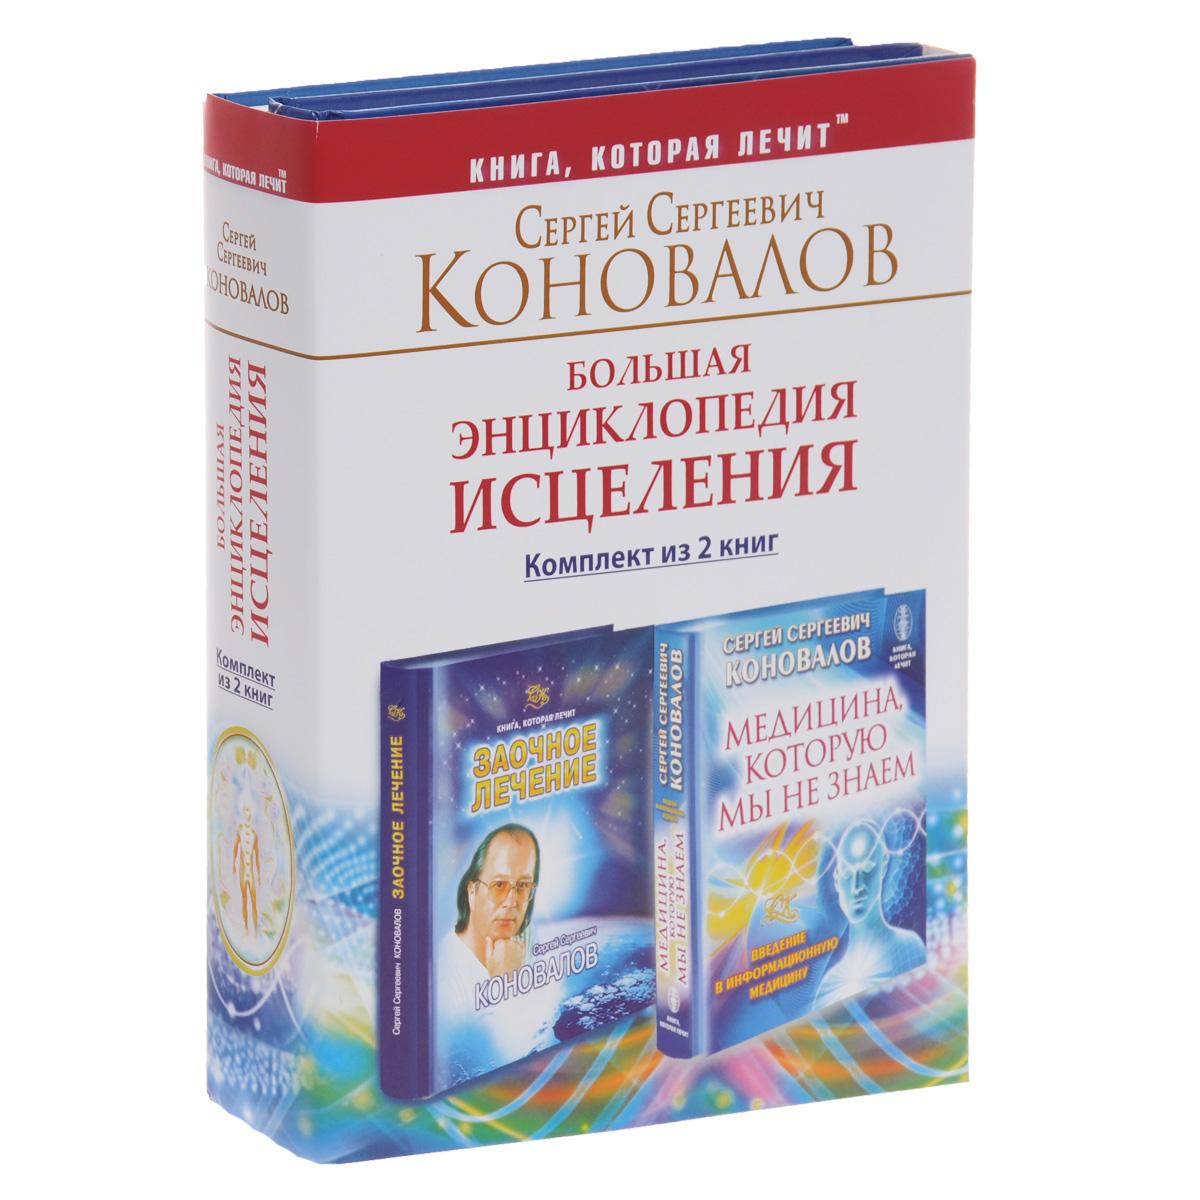 Сергей Коновалов Большая энциклопедия исцеления (комплект из 2 книг)